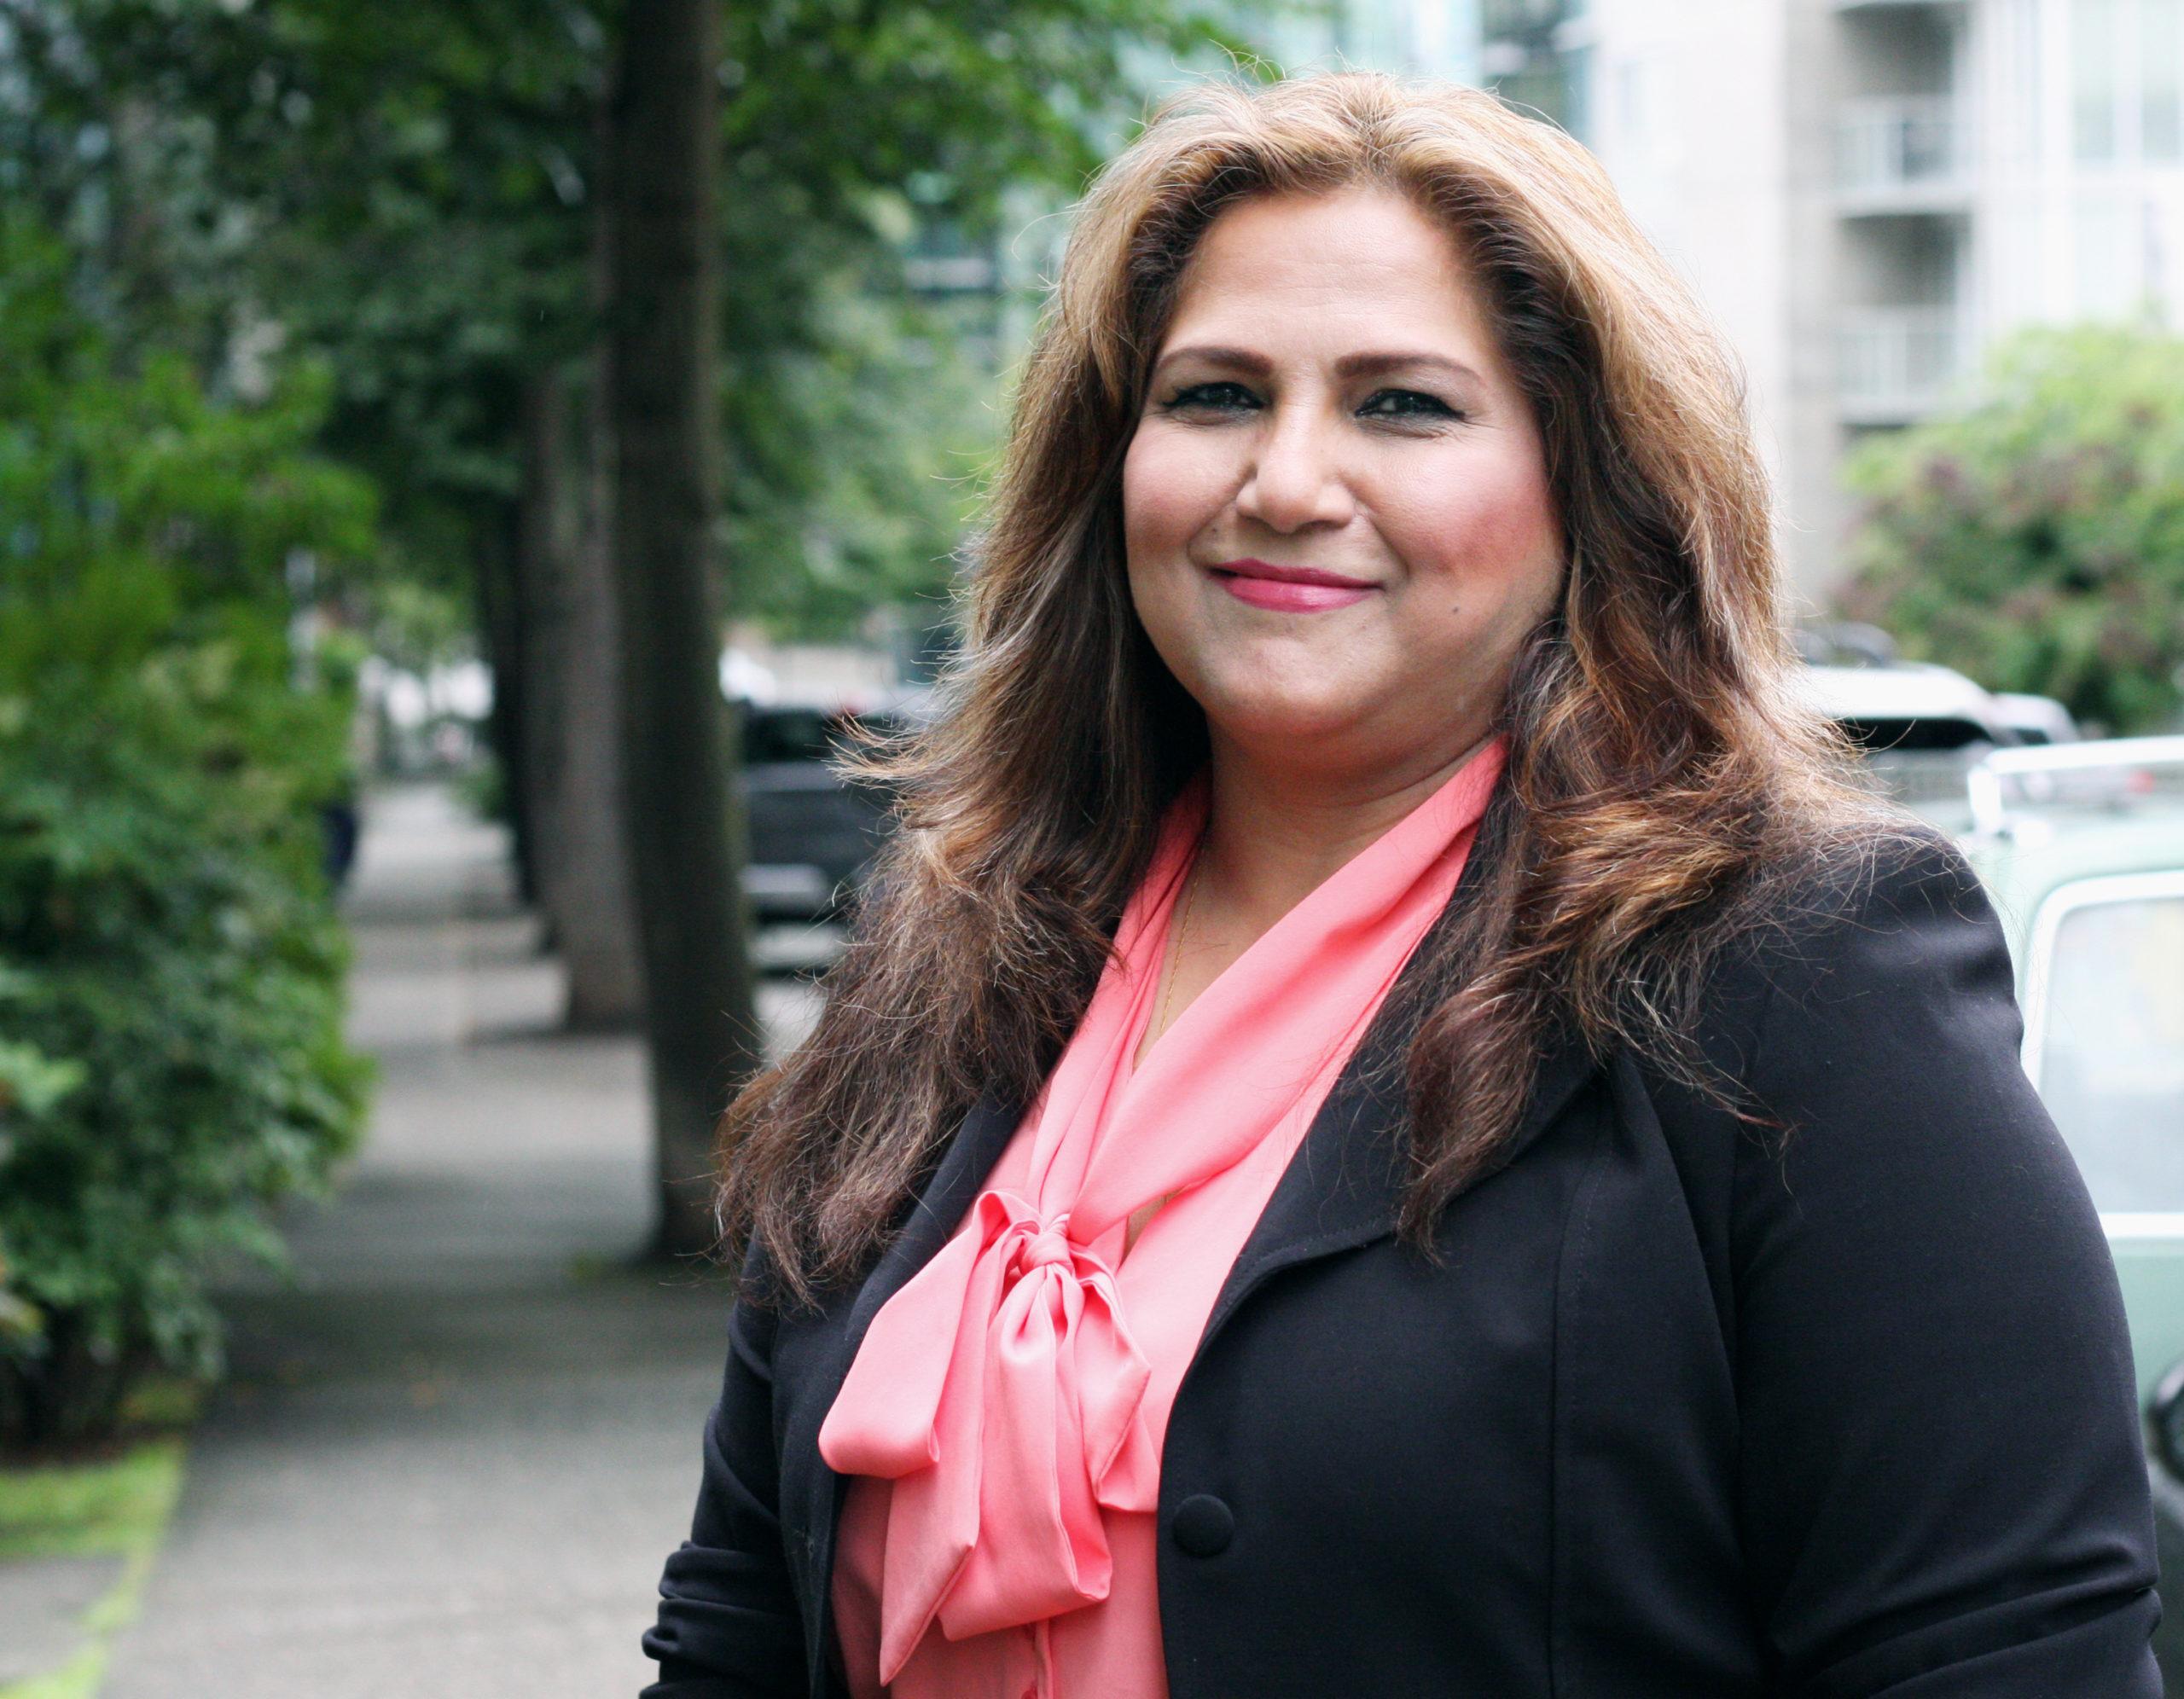 Javaria Masood